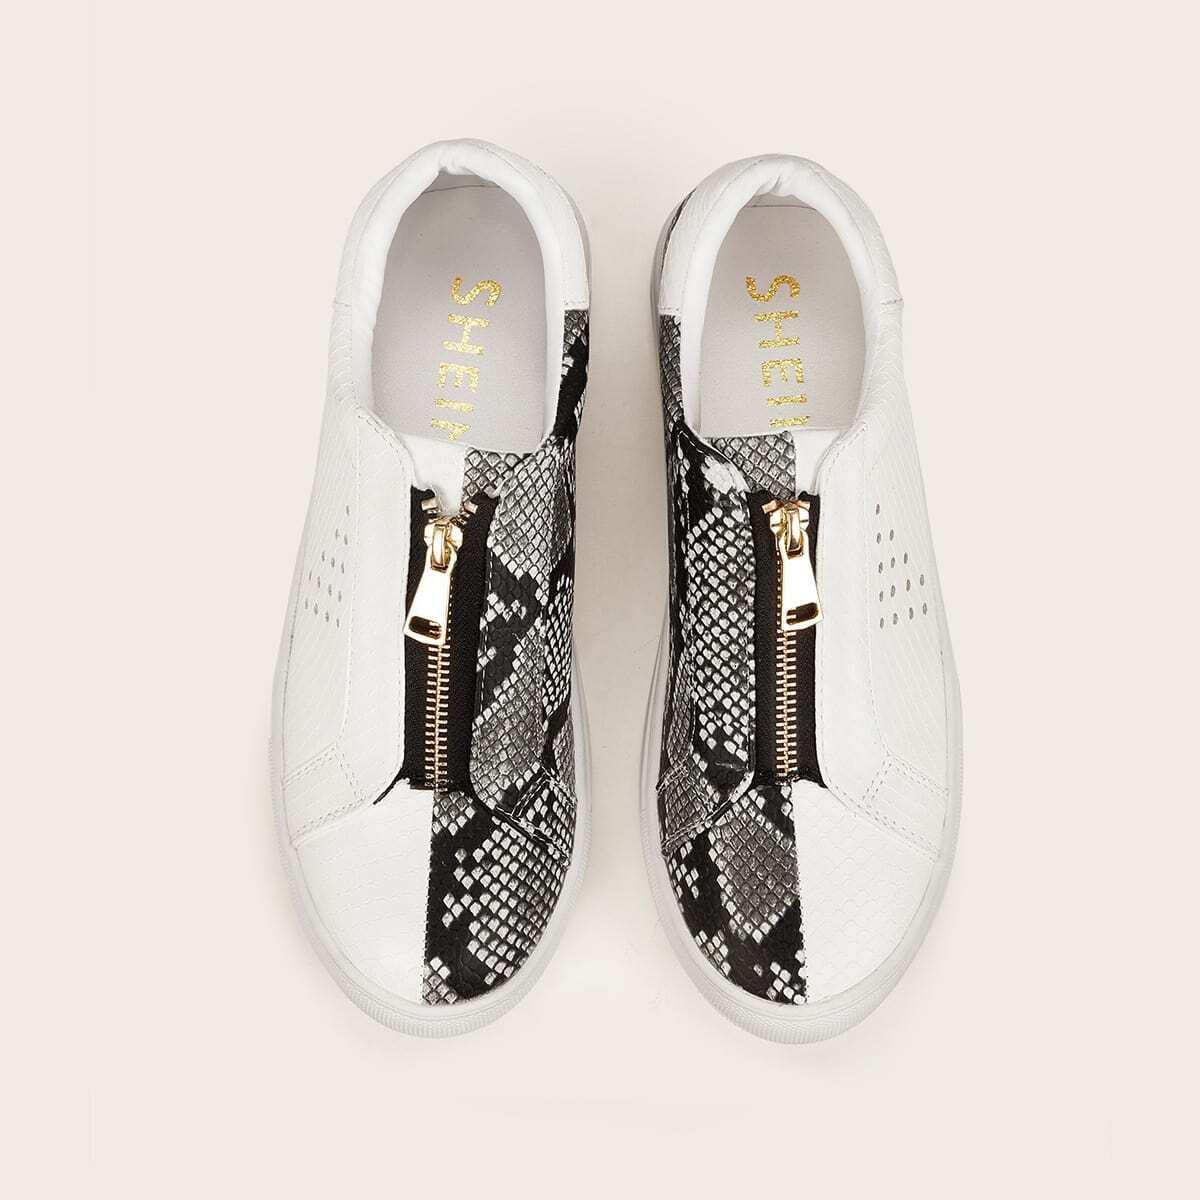 Snakeskin patroon sneakers met ritssluiting vooraan